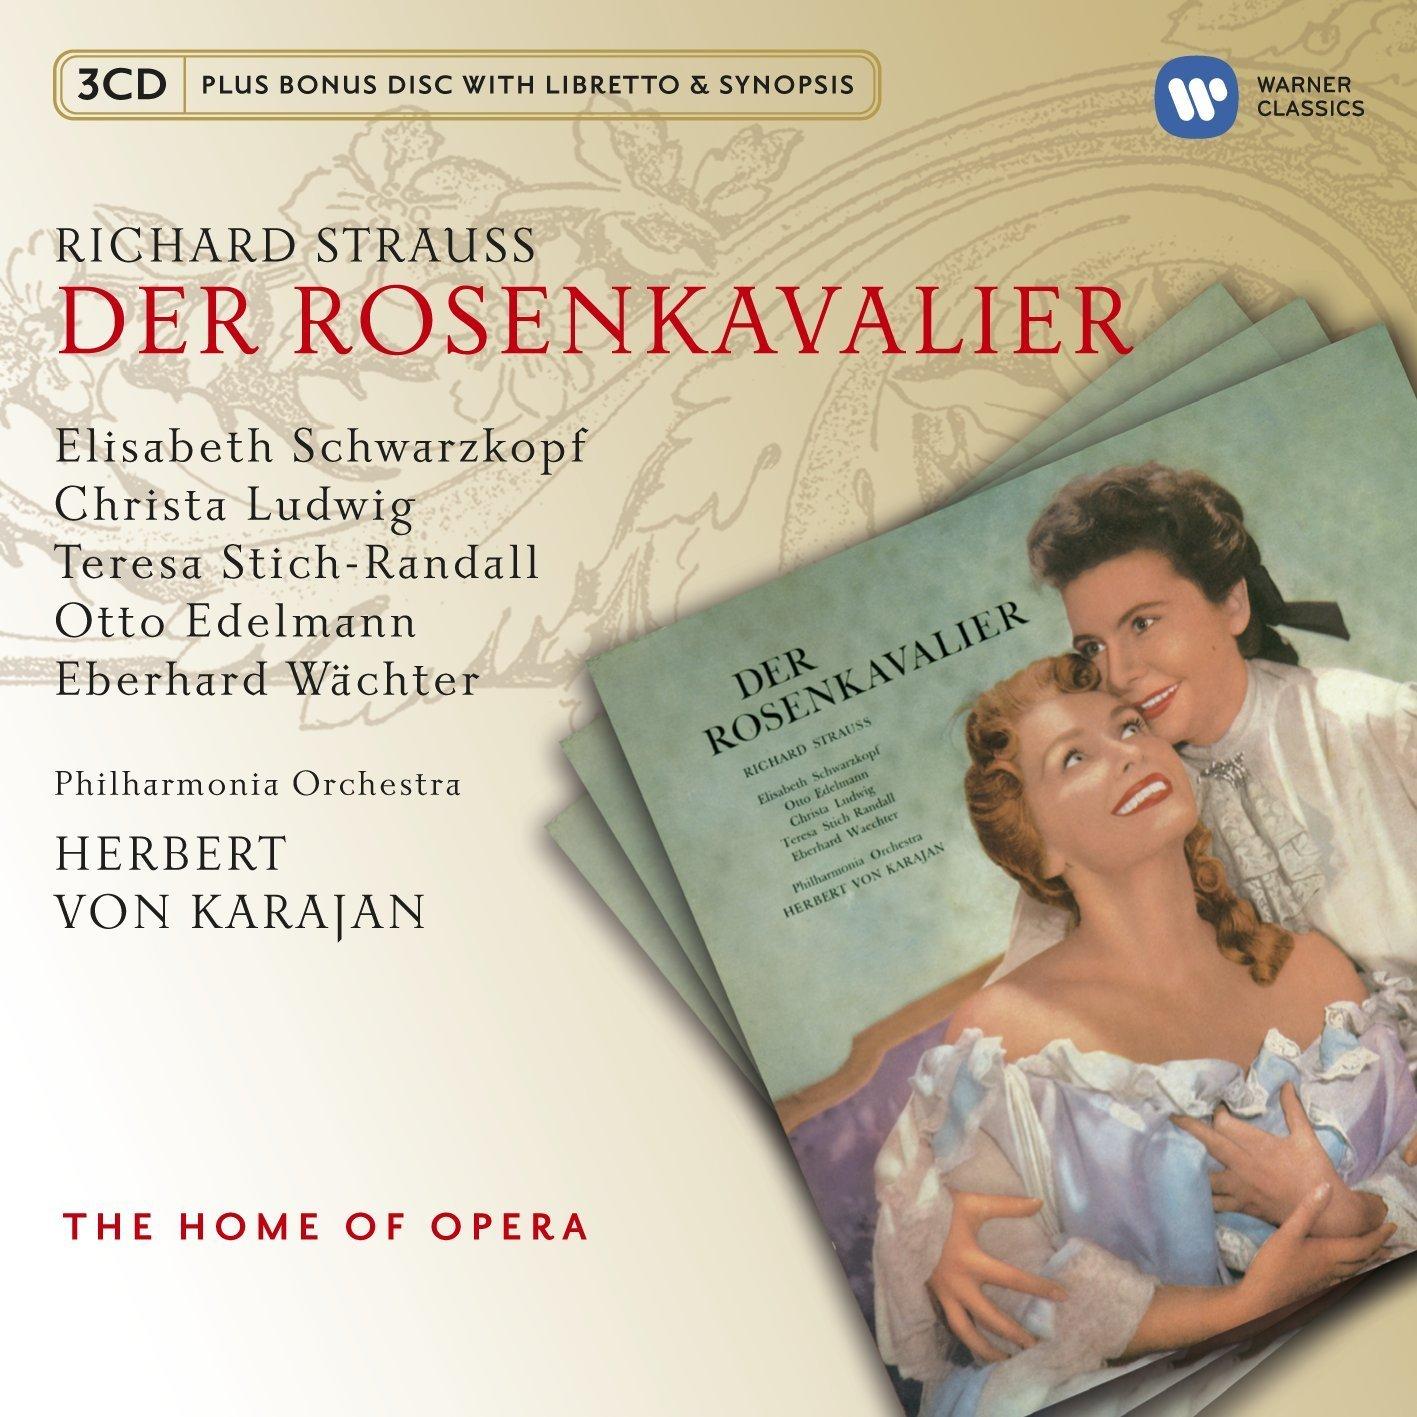 CD_Rosenkavalier_Warner